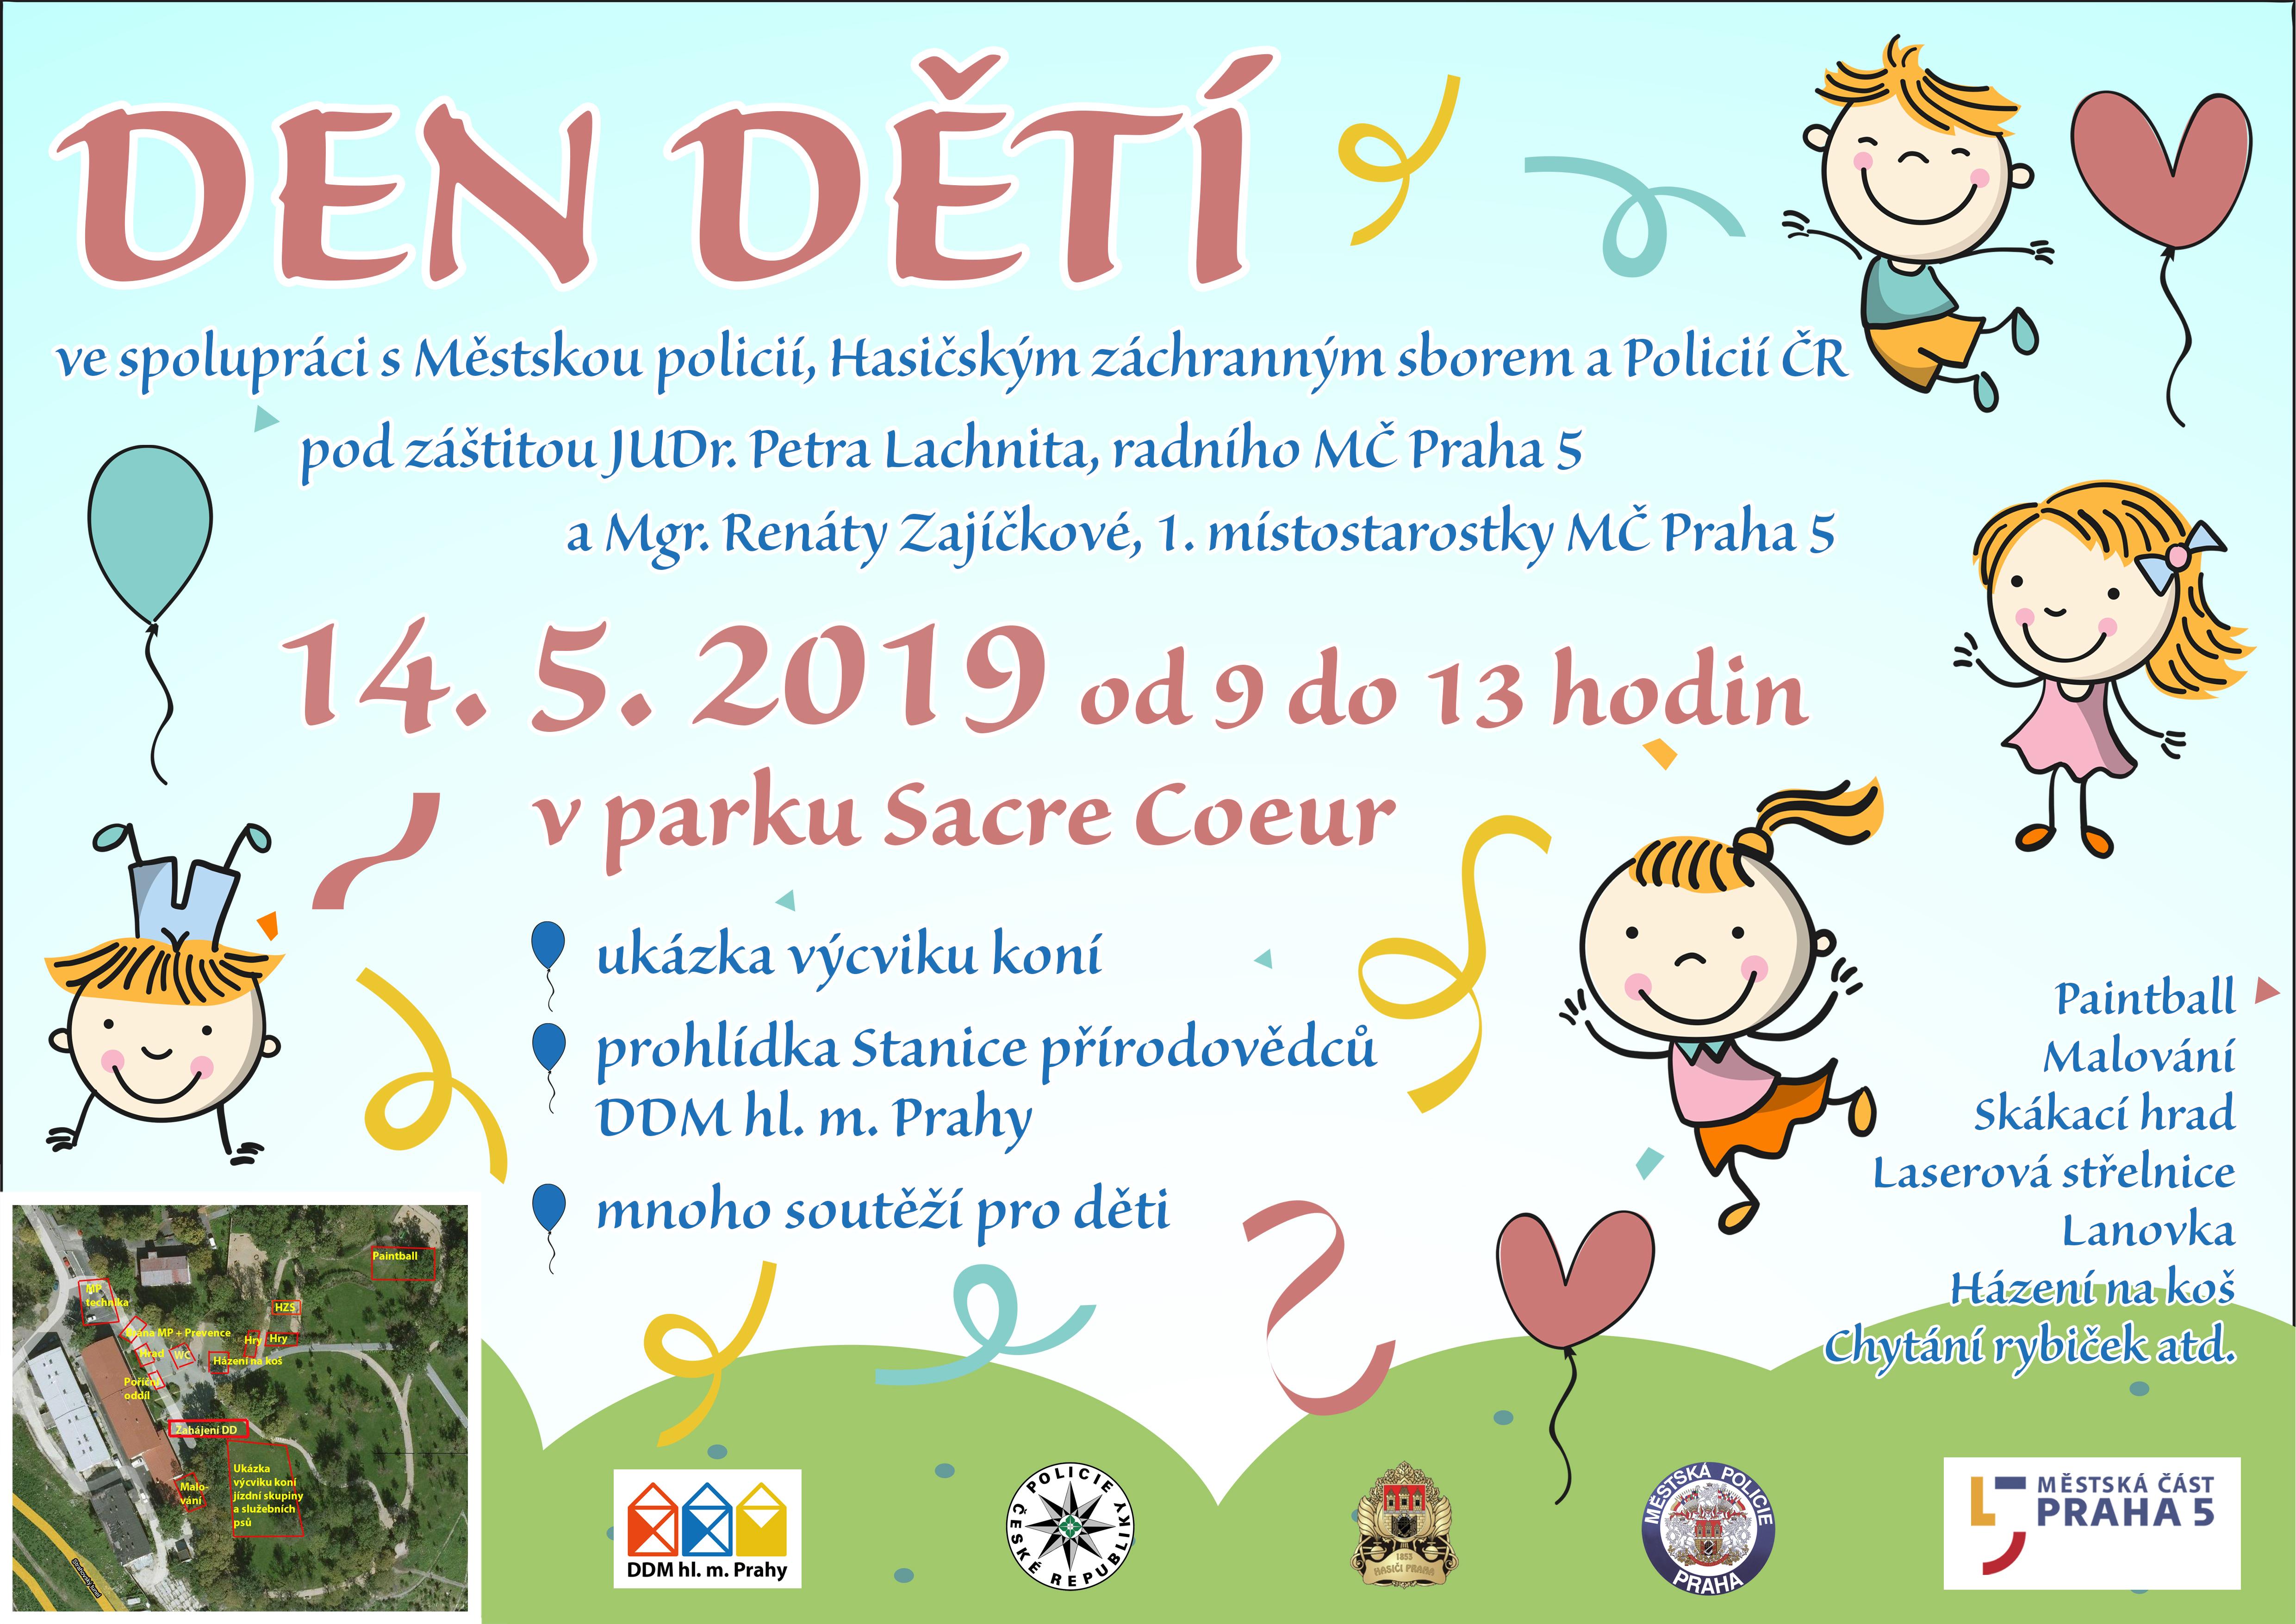 den-deti-v-parku-sacre-coeur-2